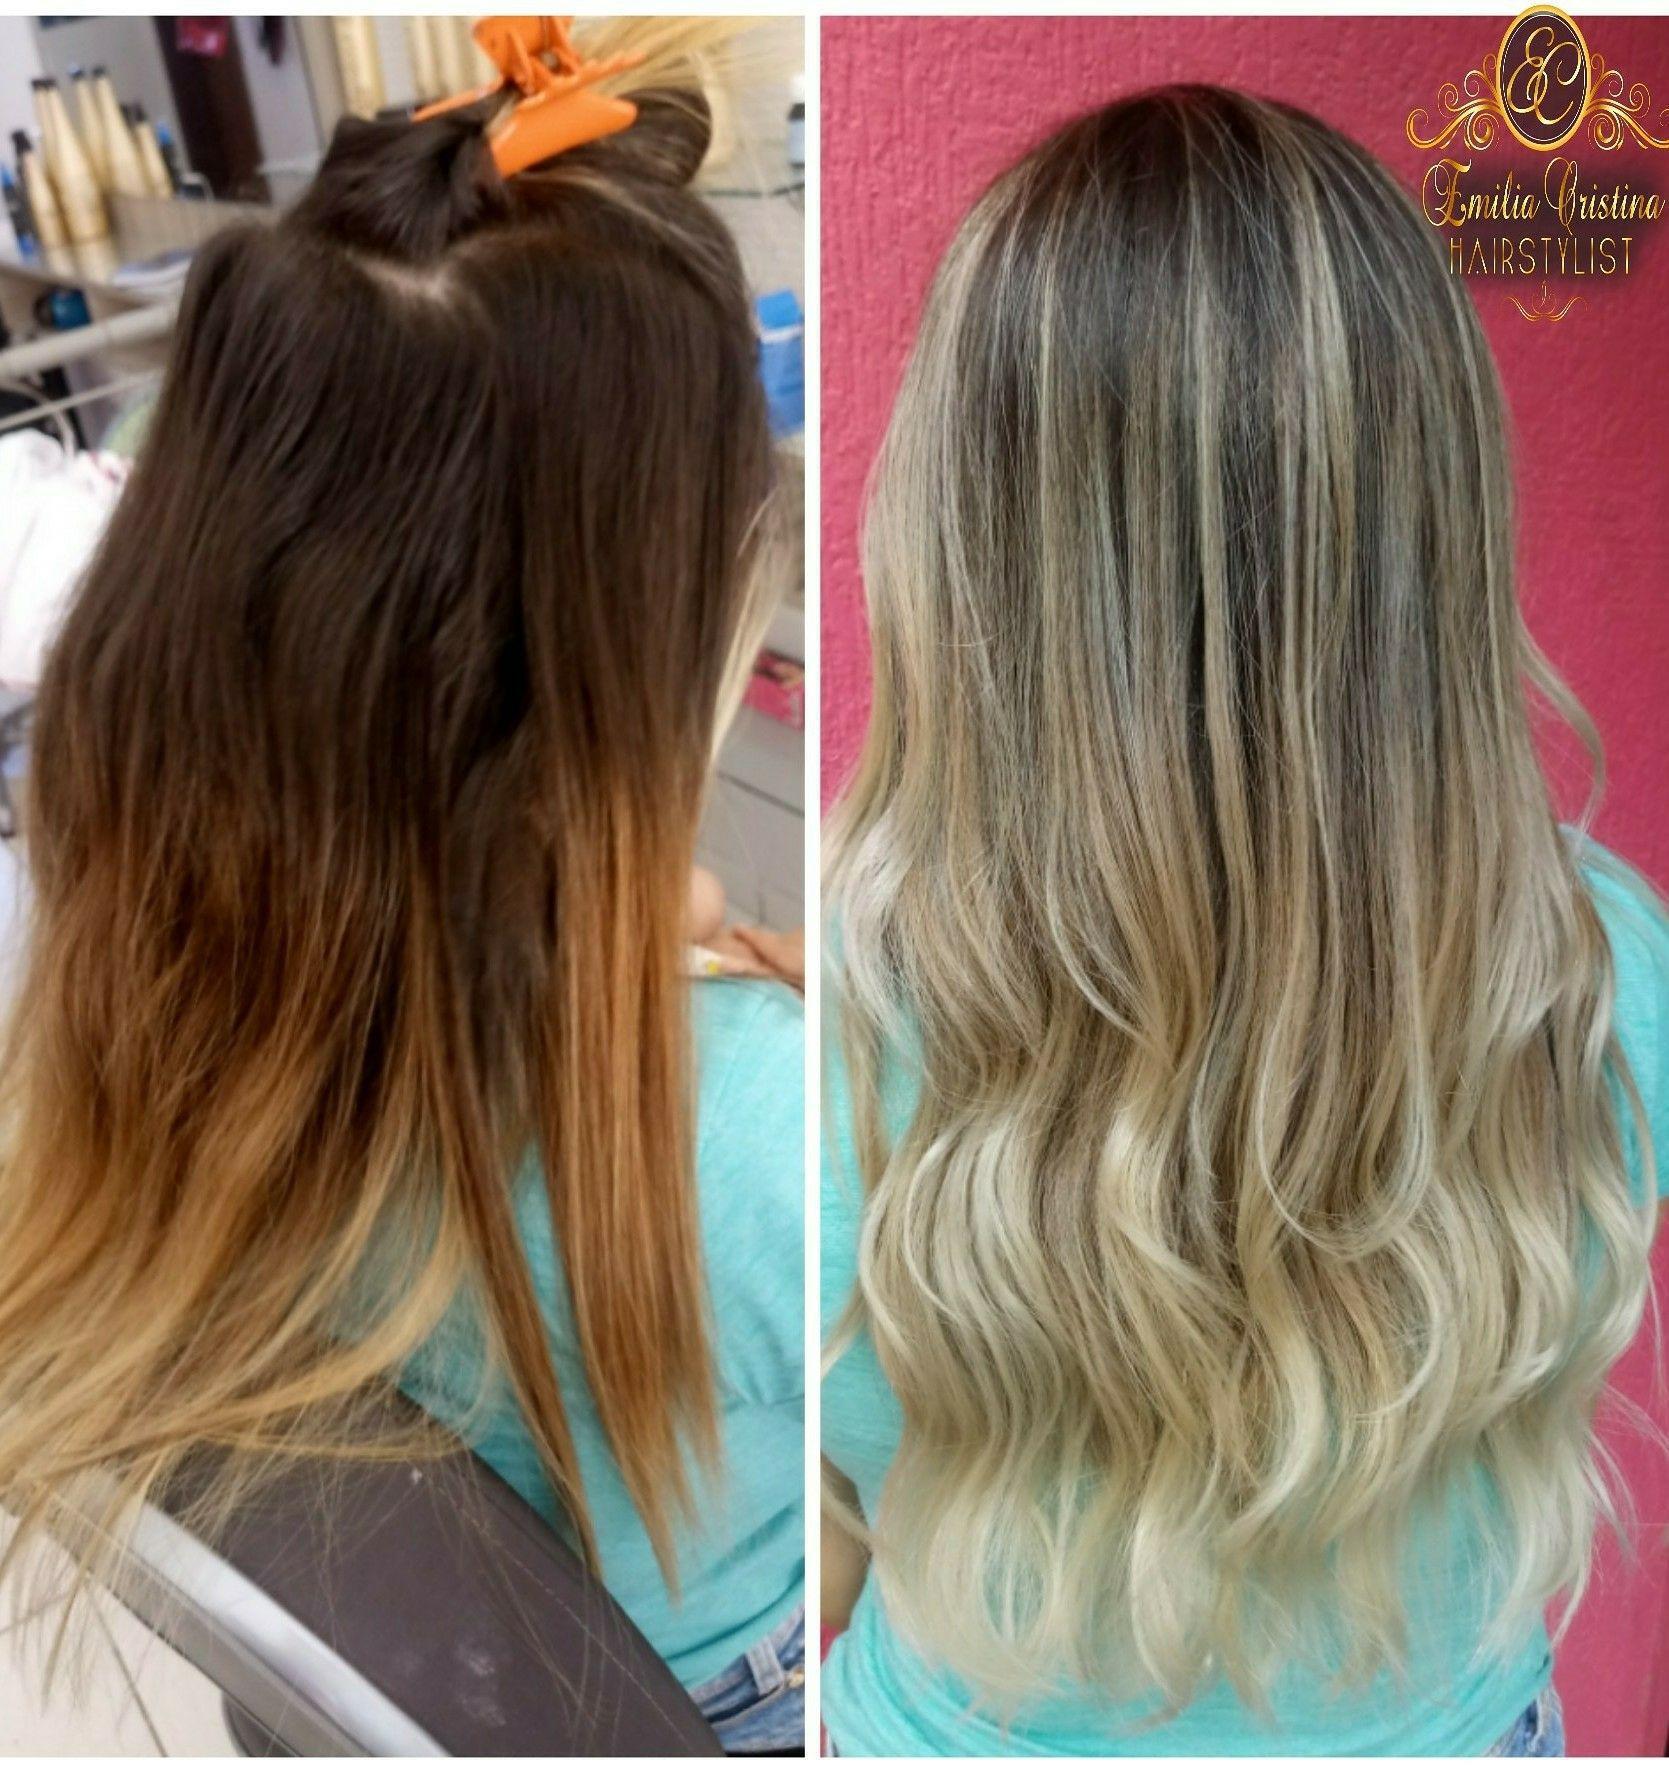 Antes e depois !! Antes um cabelo com coloração e depois um lindo OMBRE HAIR #ombrear#loiros cabelo cabeleireiro(a) stylist / visagista